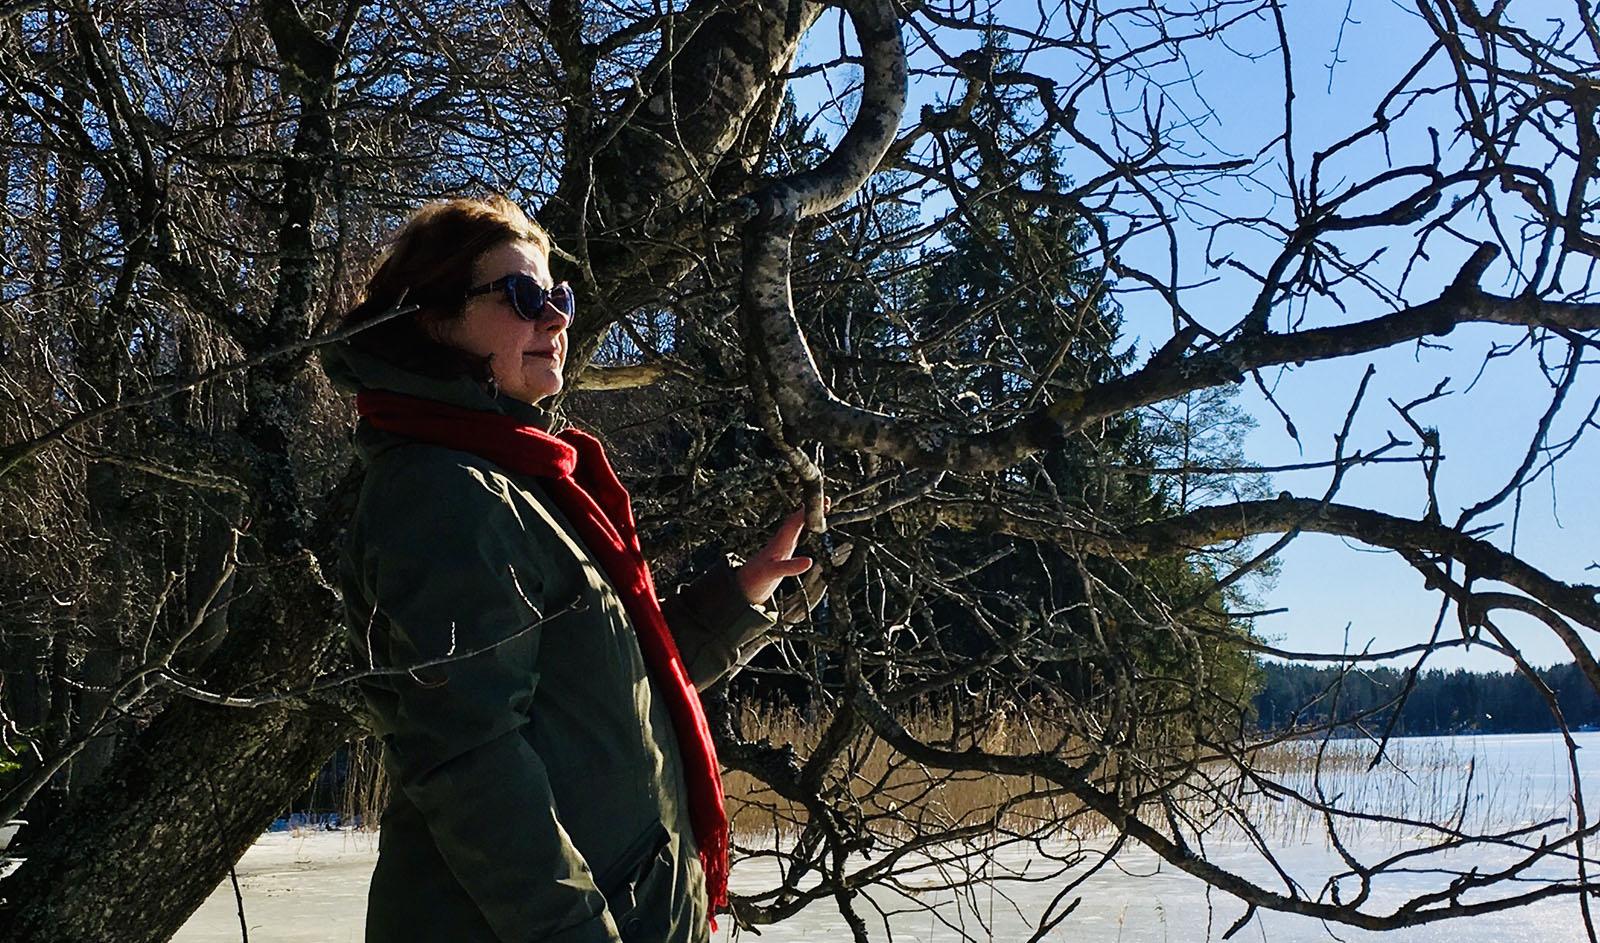 Maria Kalaniemi katsoo järvelle kirkkaassa helmikuisessa auringonpaisteessa.